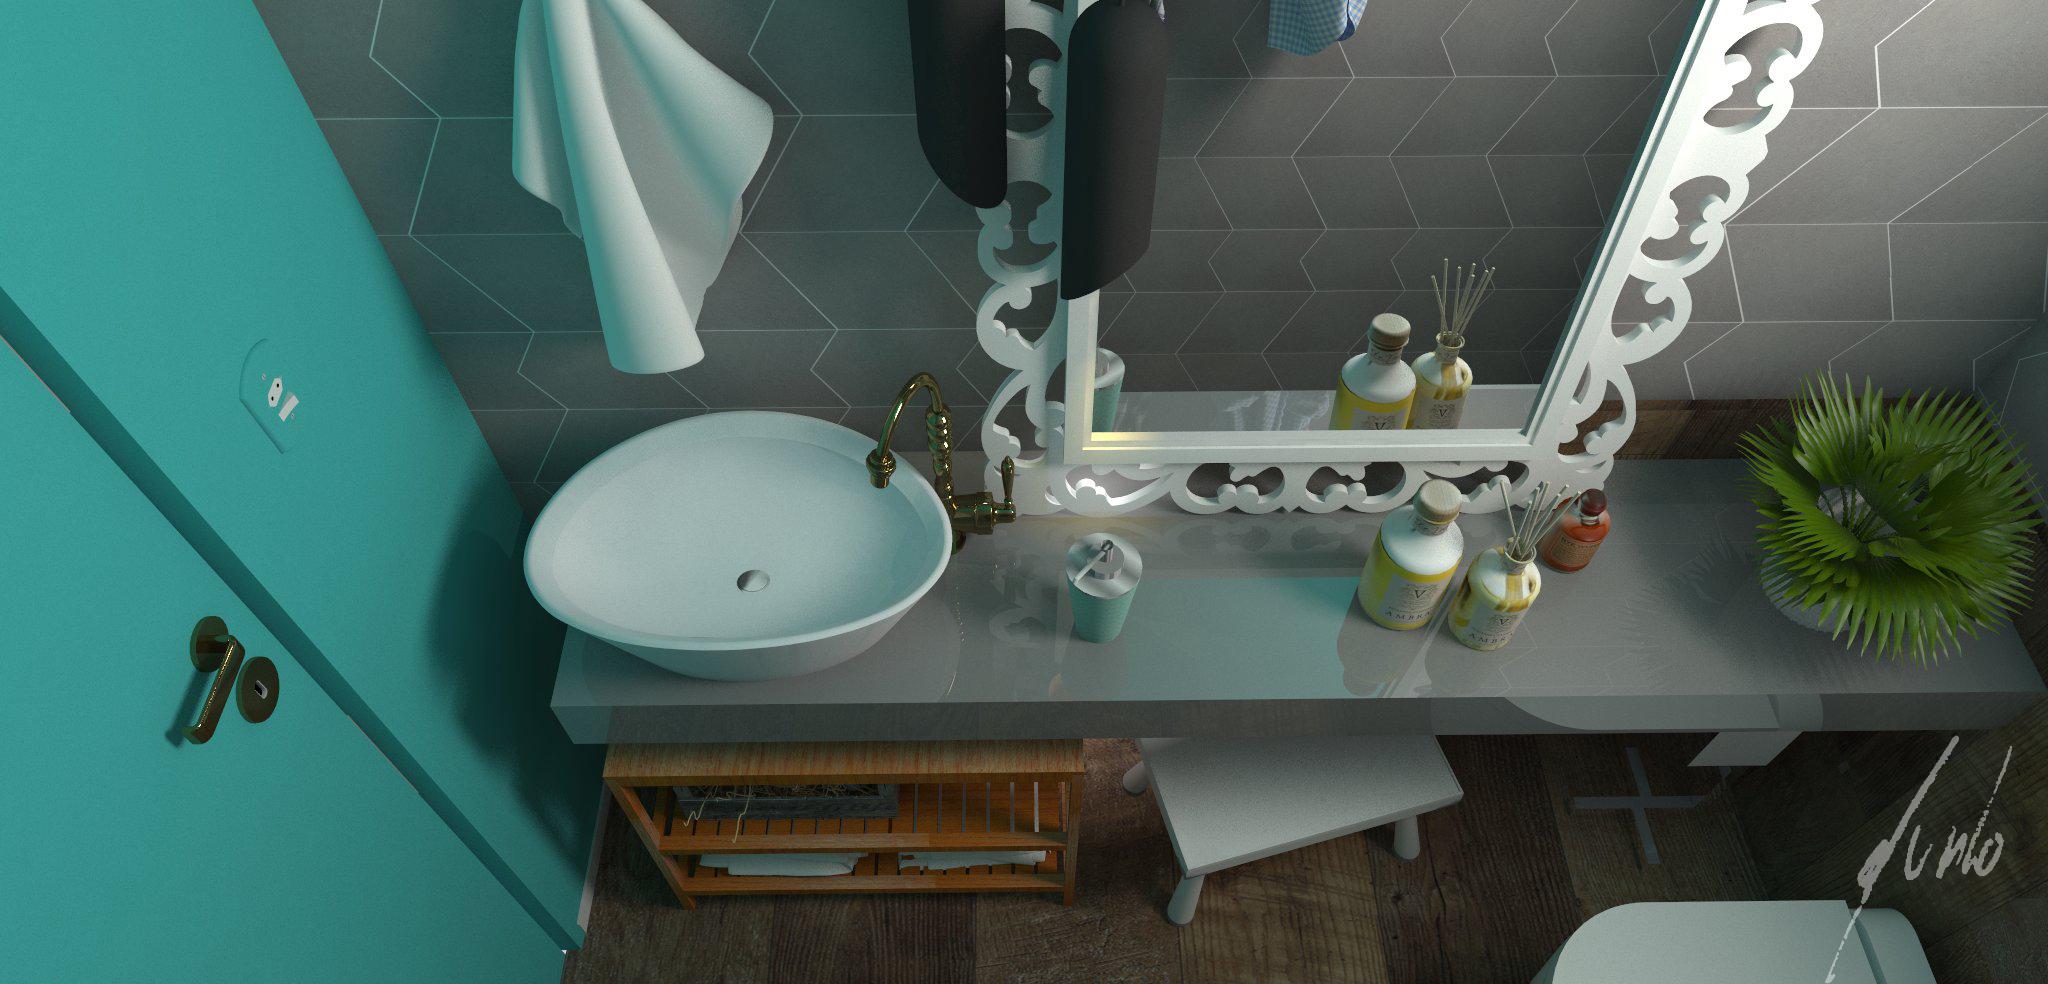 decoração para banheiro simples banheiros rusticos decorados projeto  #368581 2048 984